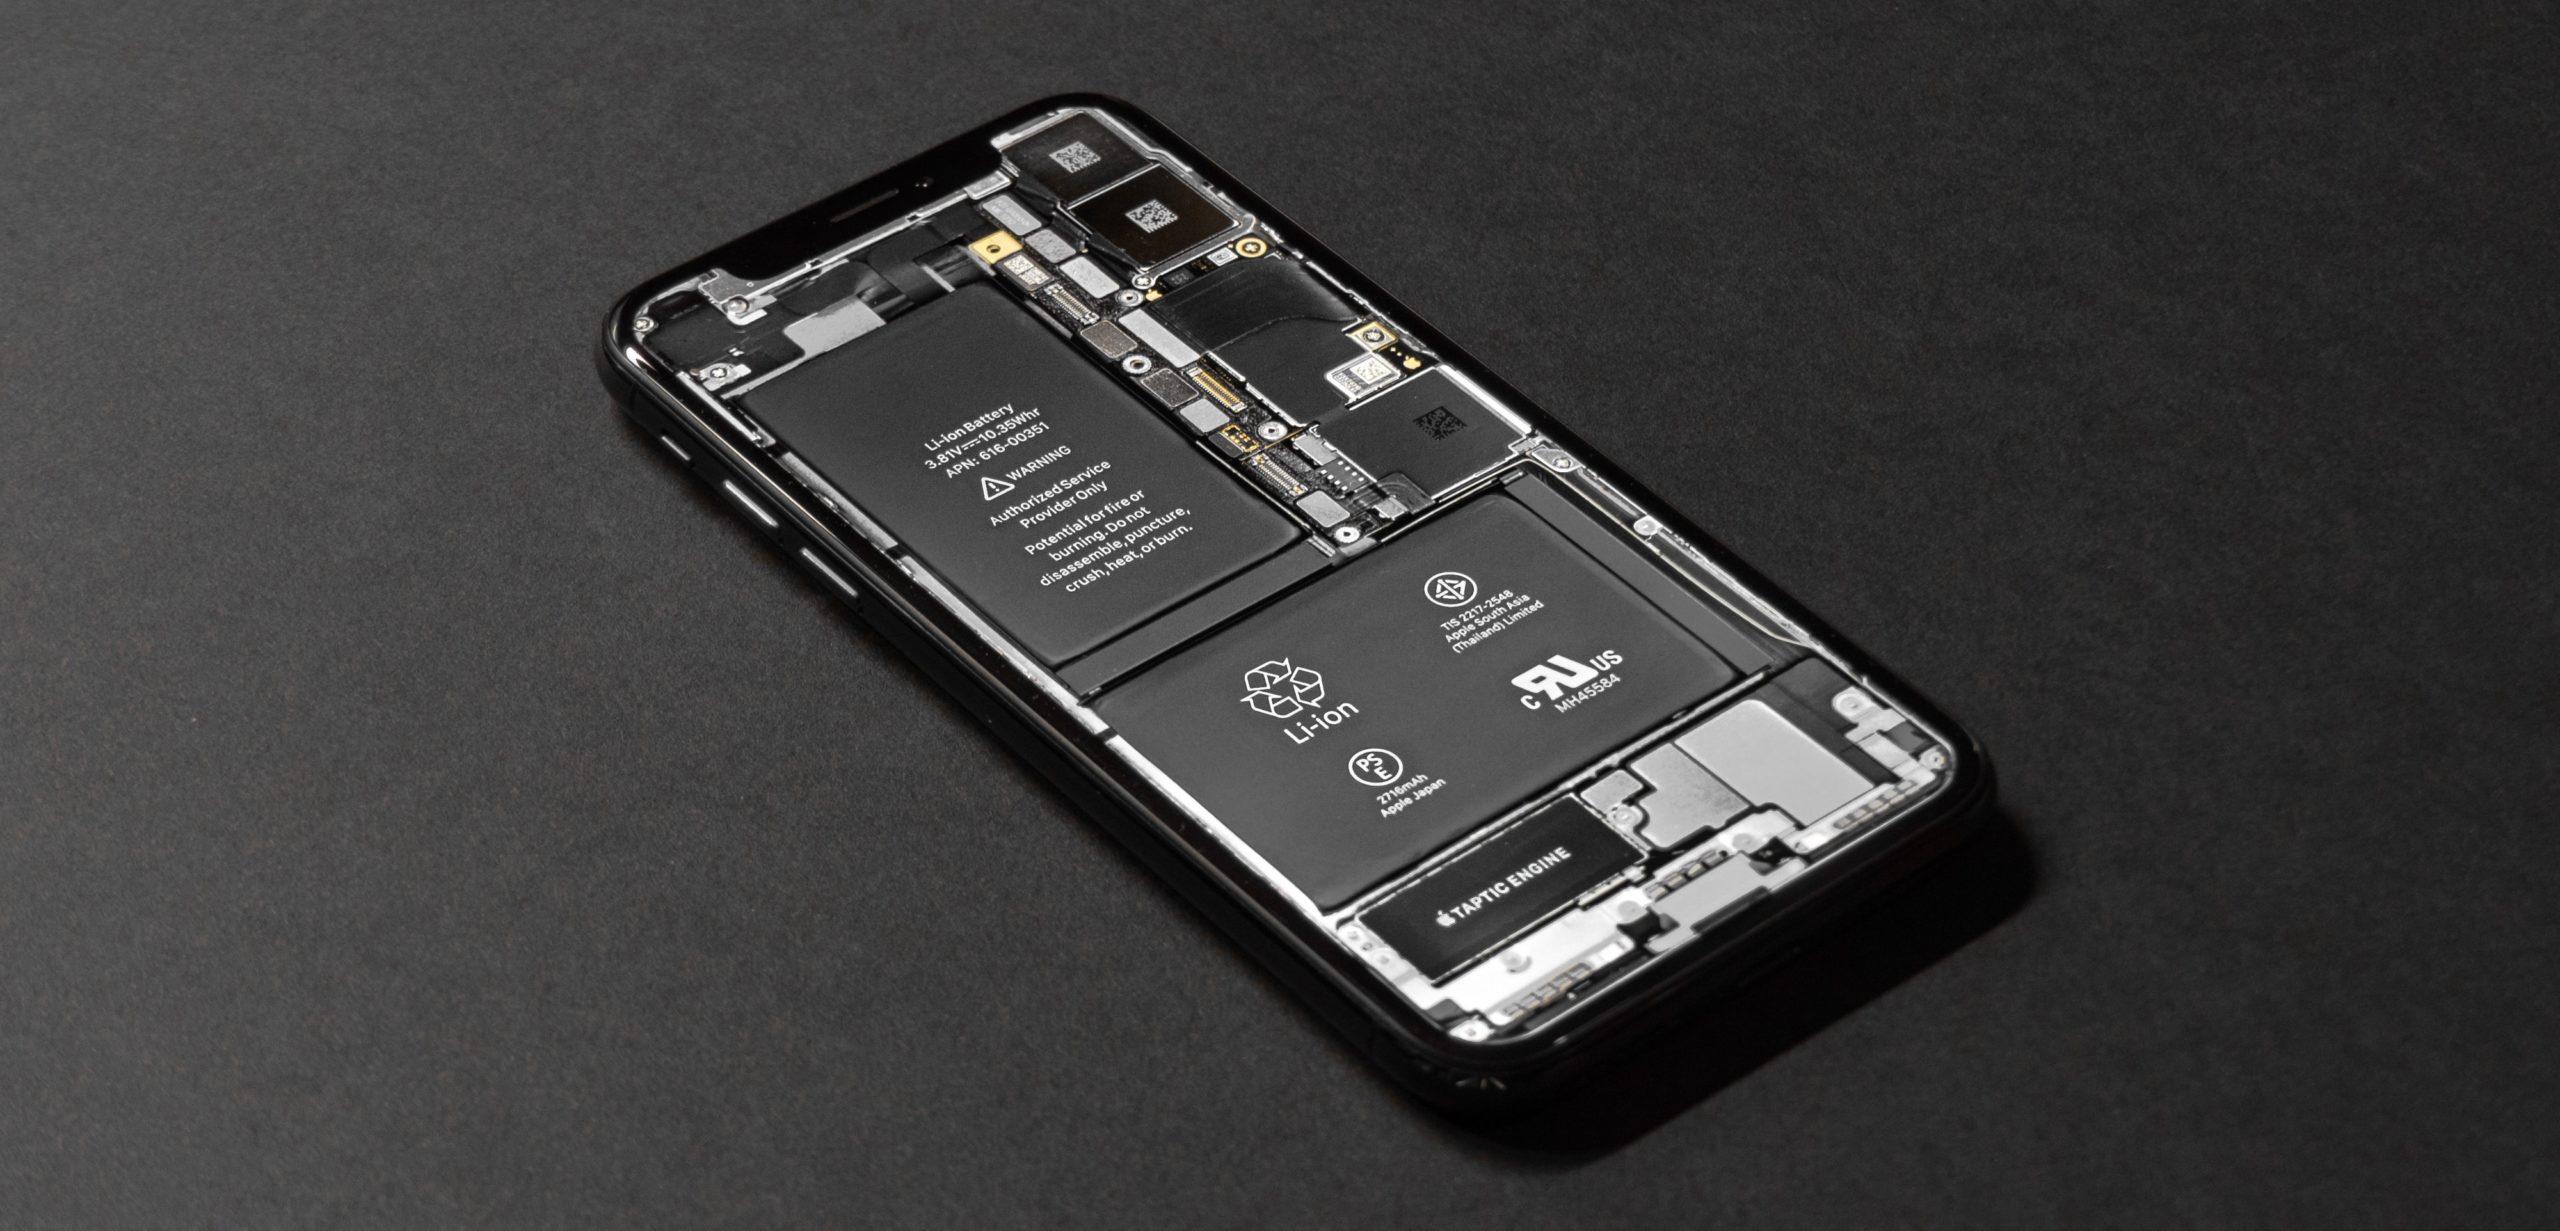 Wymiana baterii w iPhone XS, XS Max, 11 Pro, 11 Pro Max, SE 2020, 11 jest problematyczna. Instalując nową baterię, wciąż będziesz miał status SERWIS i nie sprawdzisz jej kondycji.